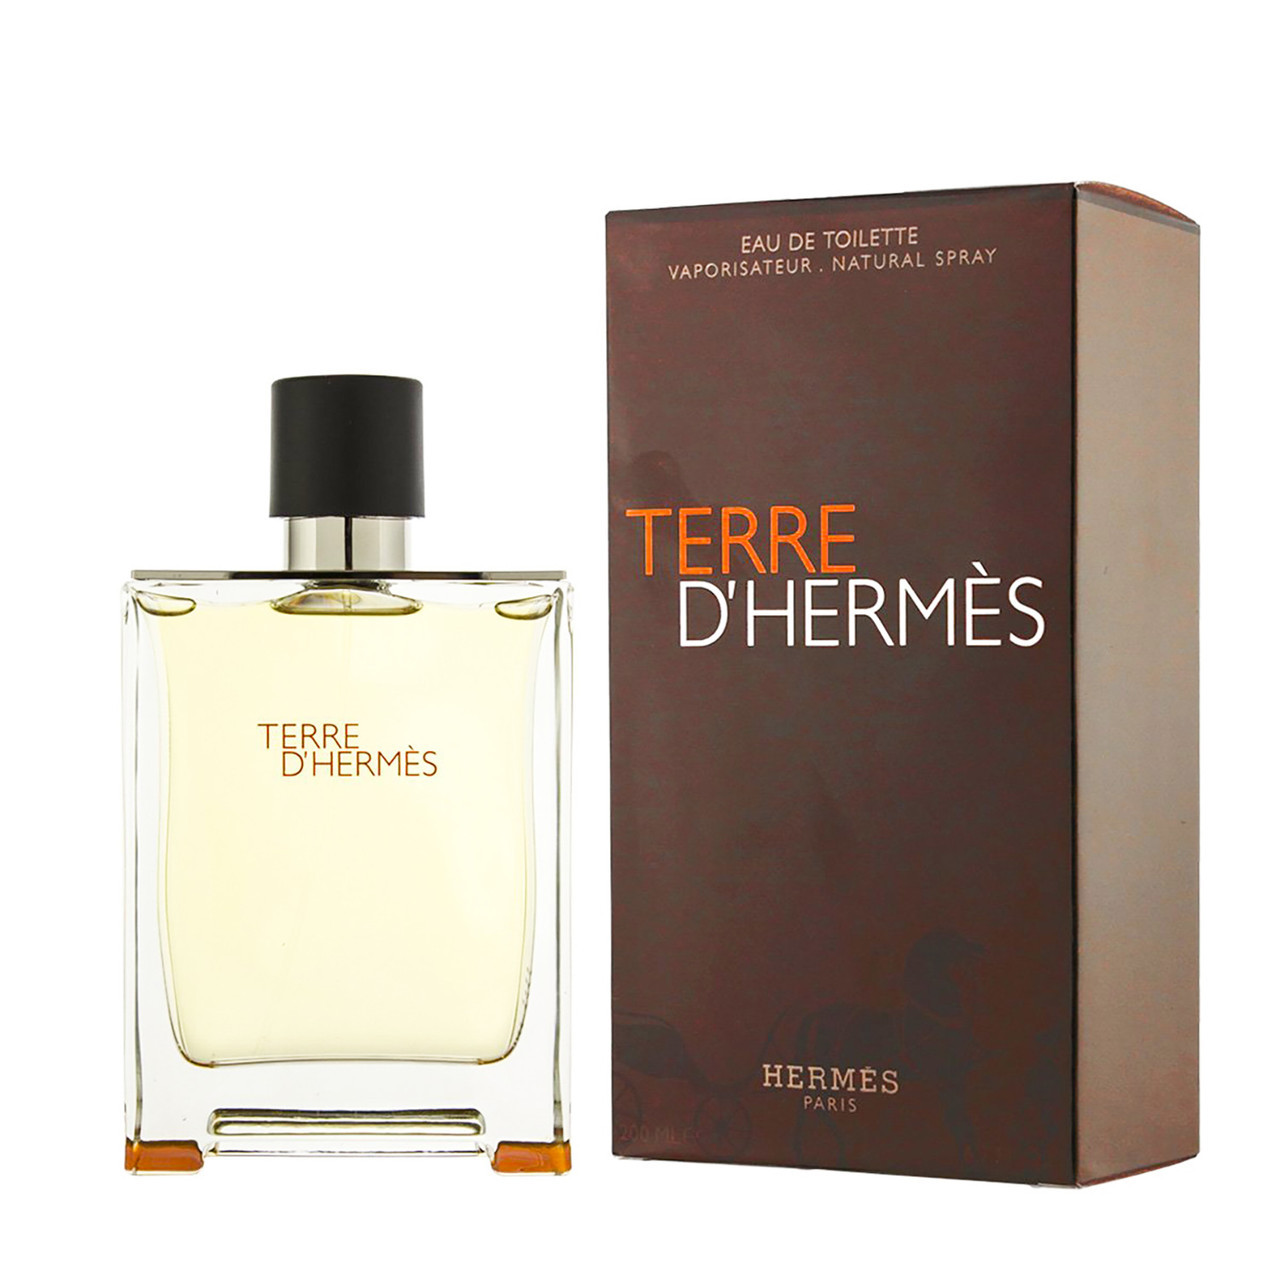 Аромат направления TERRE D'HERMES (HERMES) PP 10-17